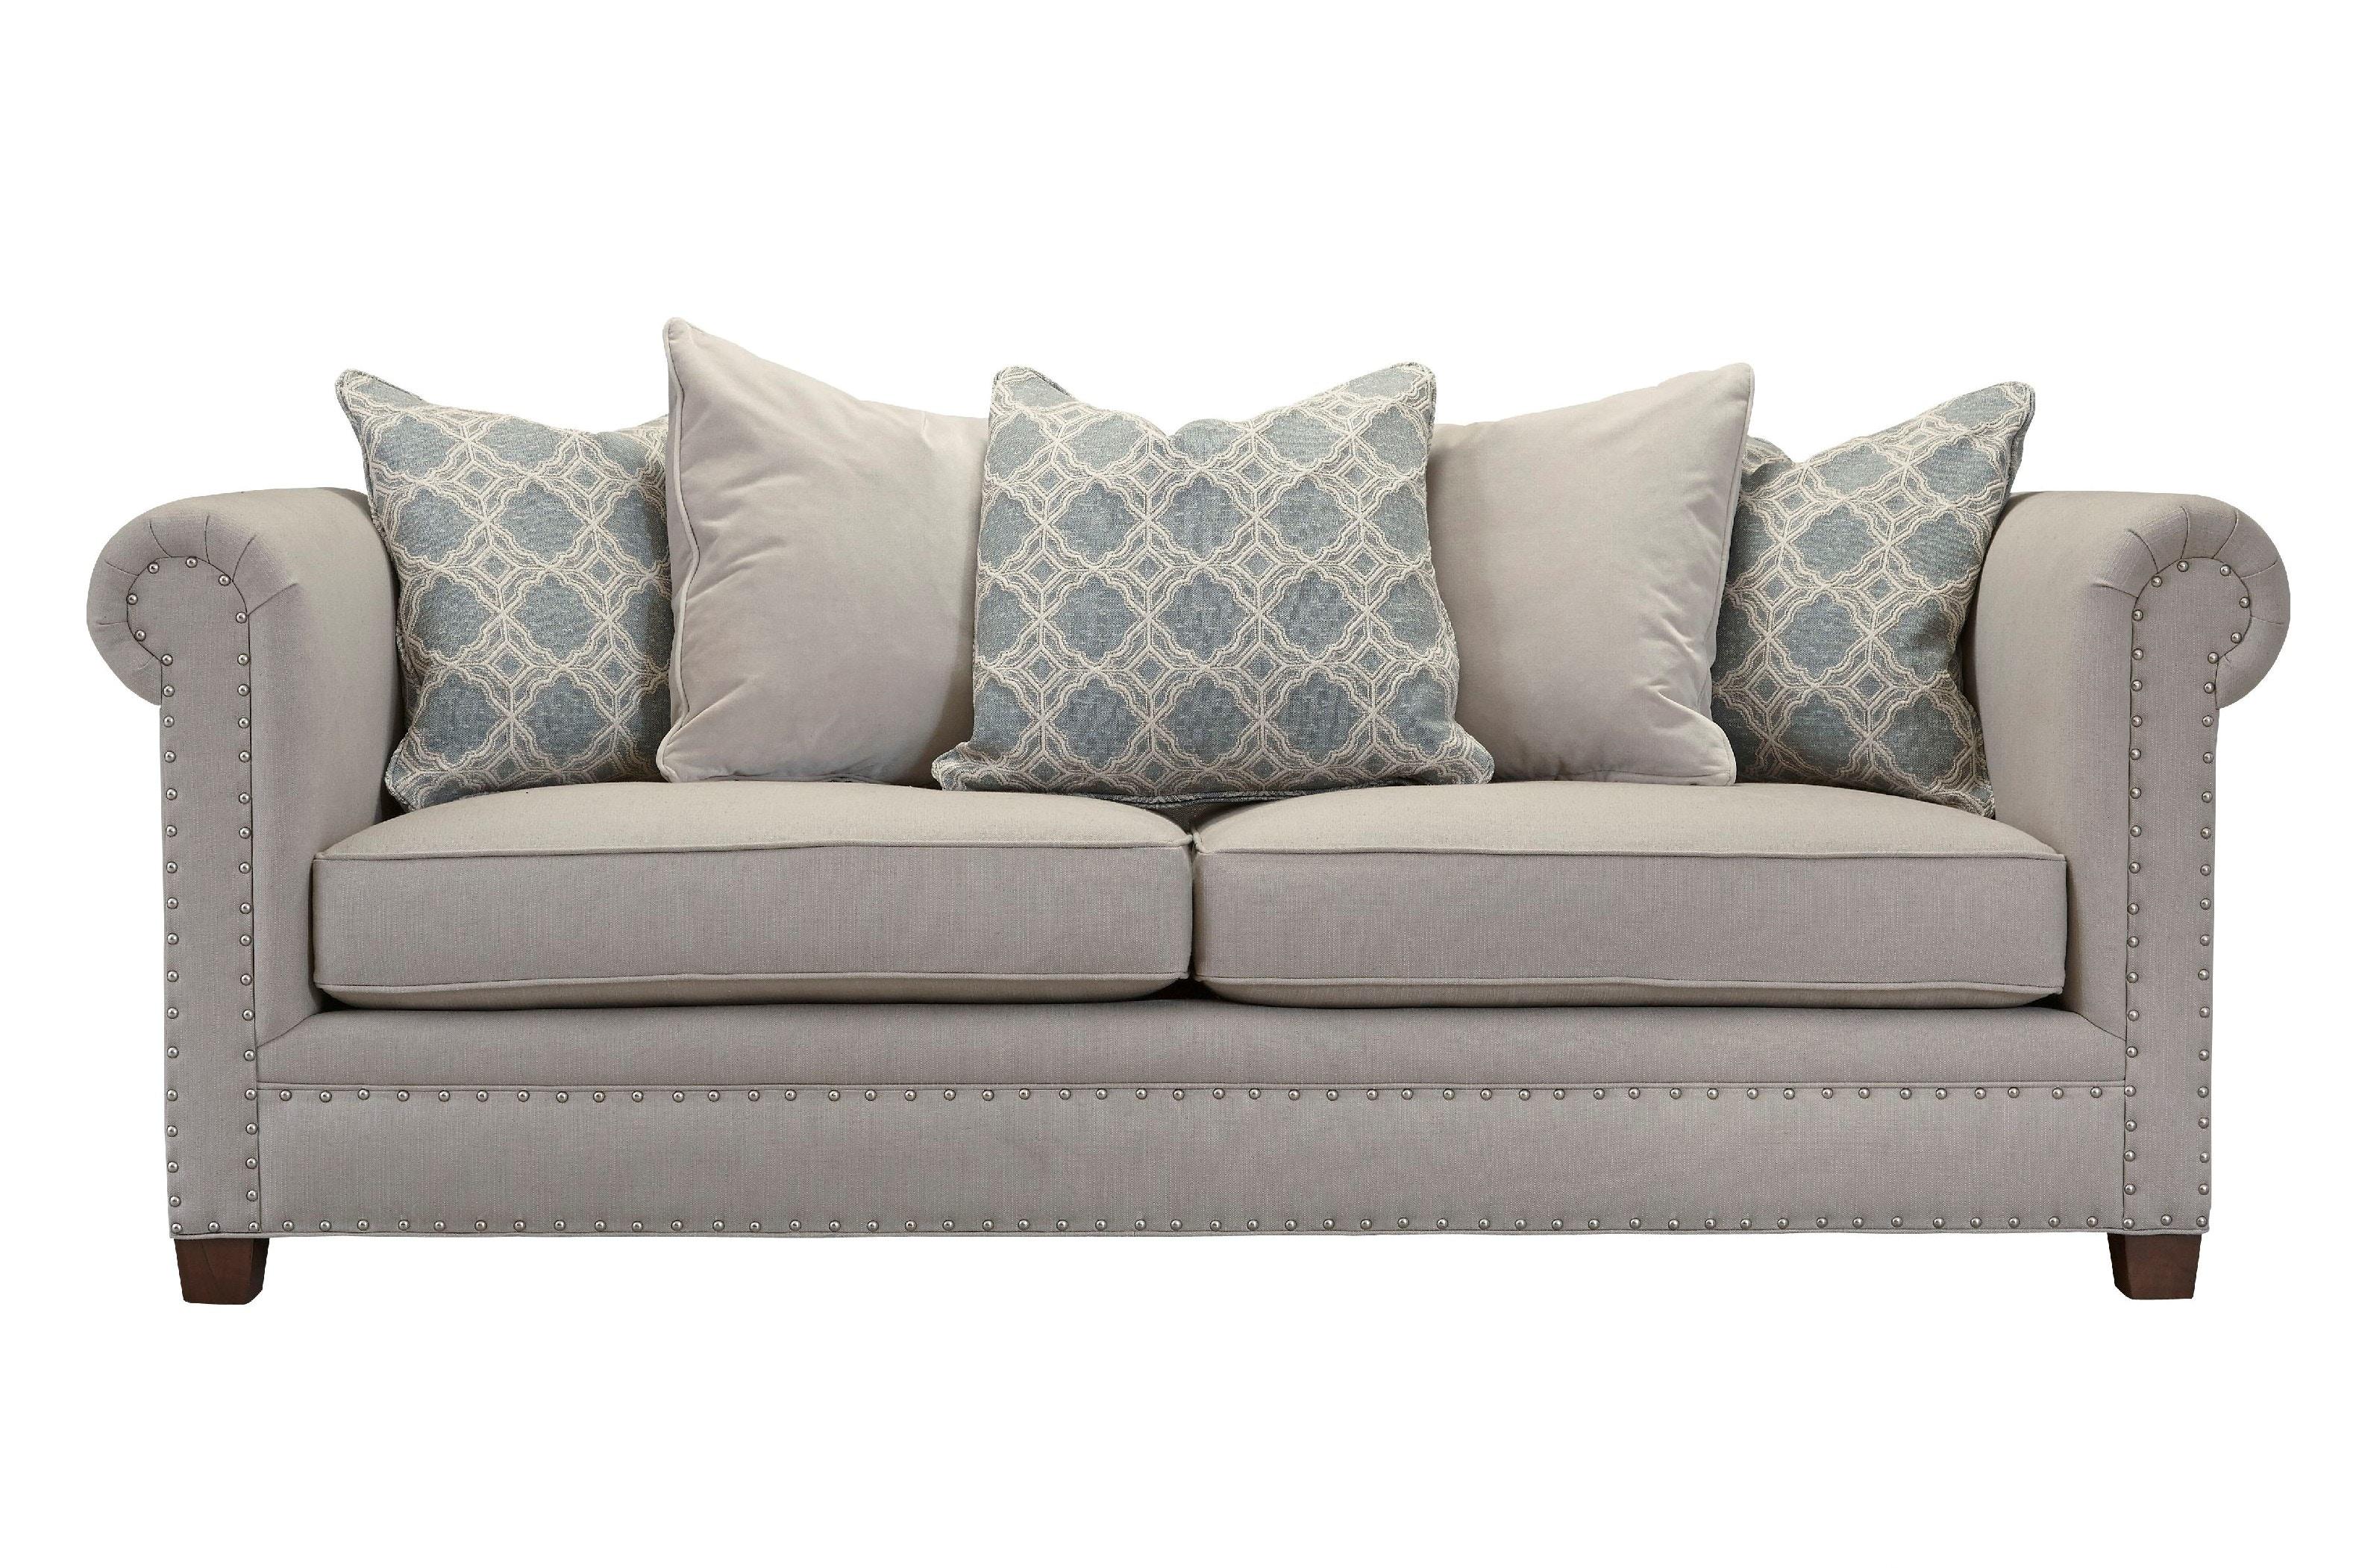 Southern Furniture Living Room Sadie Sofa 23461 Gorman S Metro